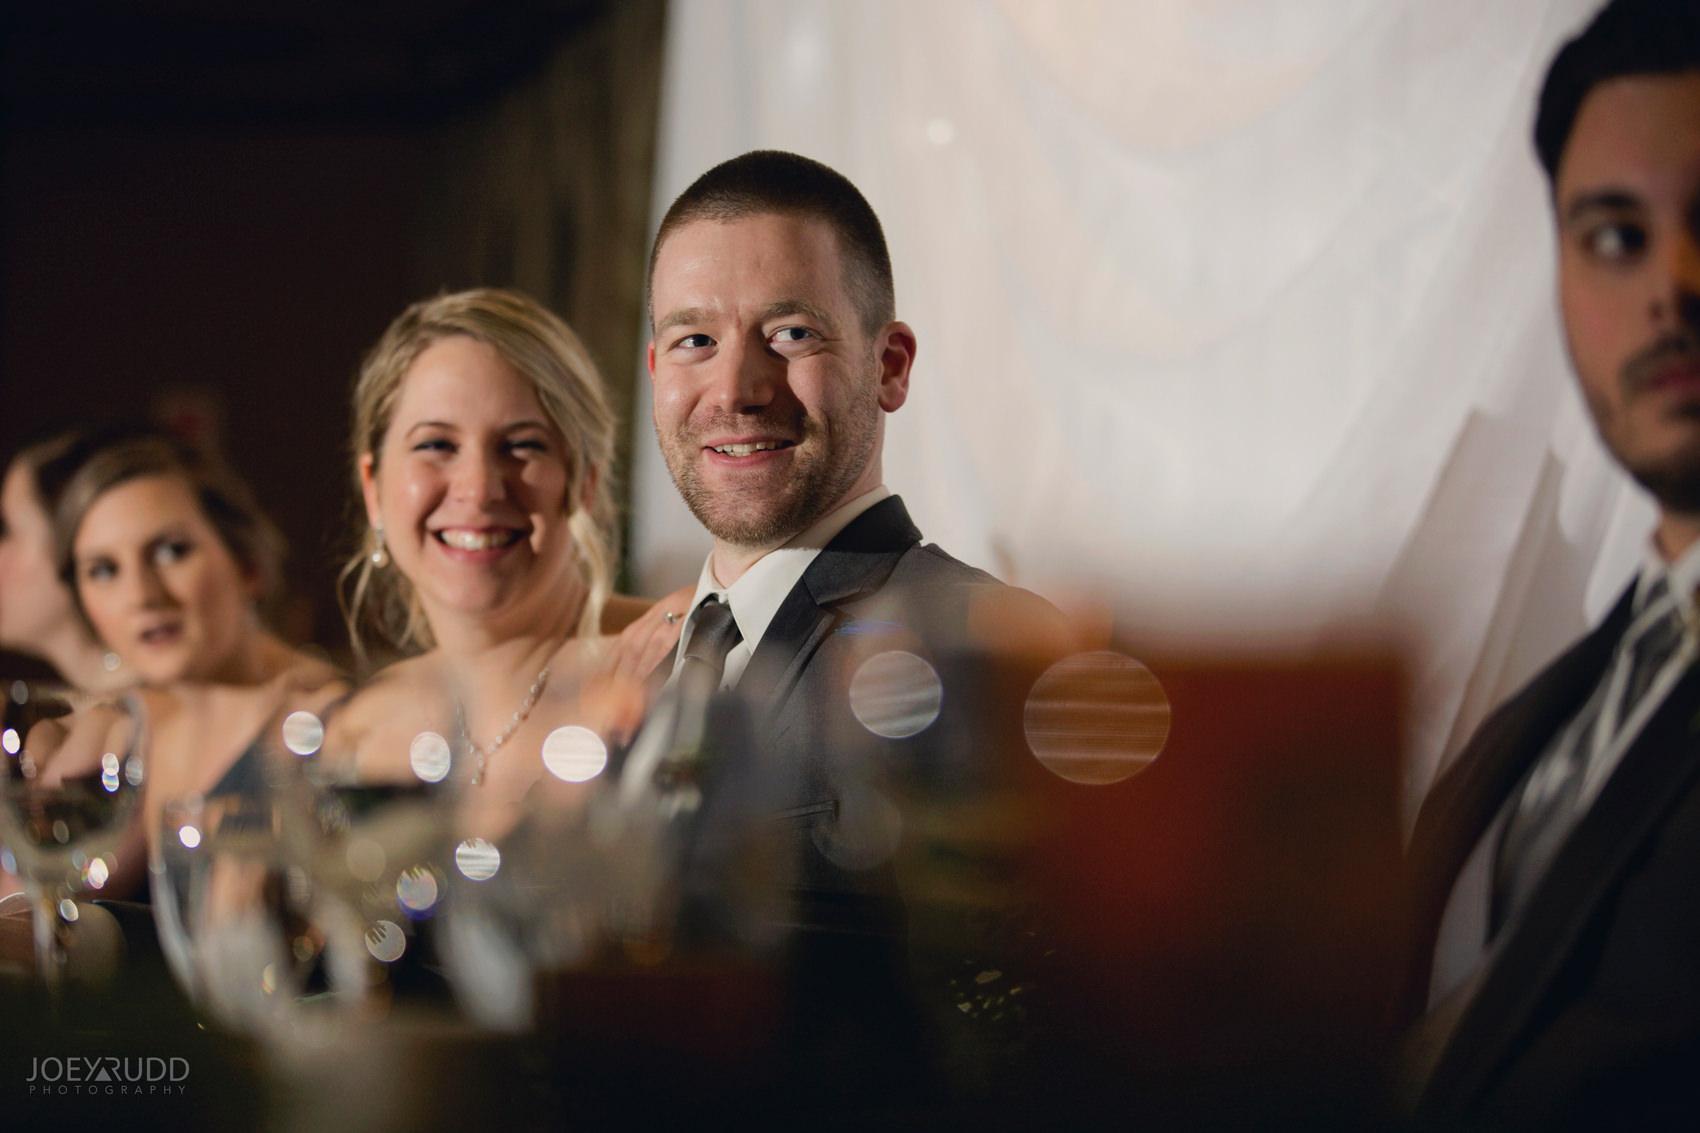 Winter Wedding in Ottawa at Greyhawk Golf Club by Ottawa Wedding Photographer Joey Rudd Photography Candid Reception Groom